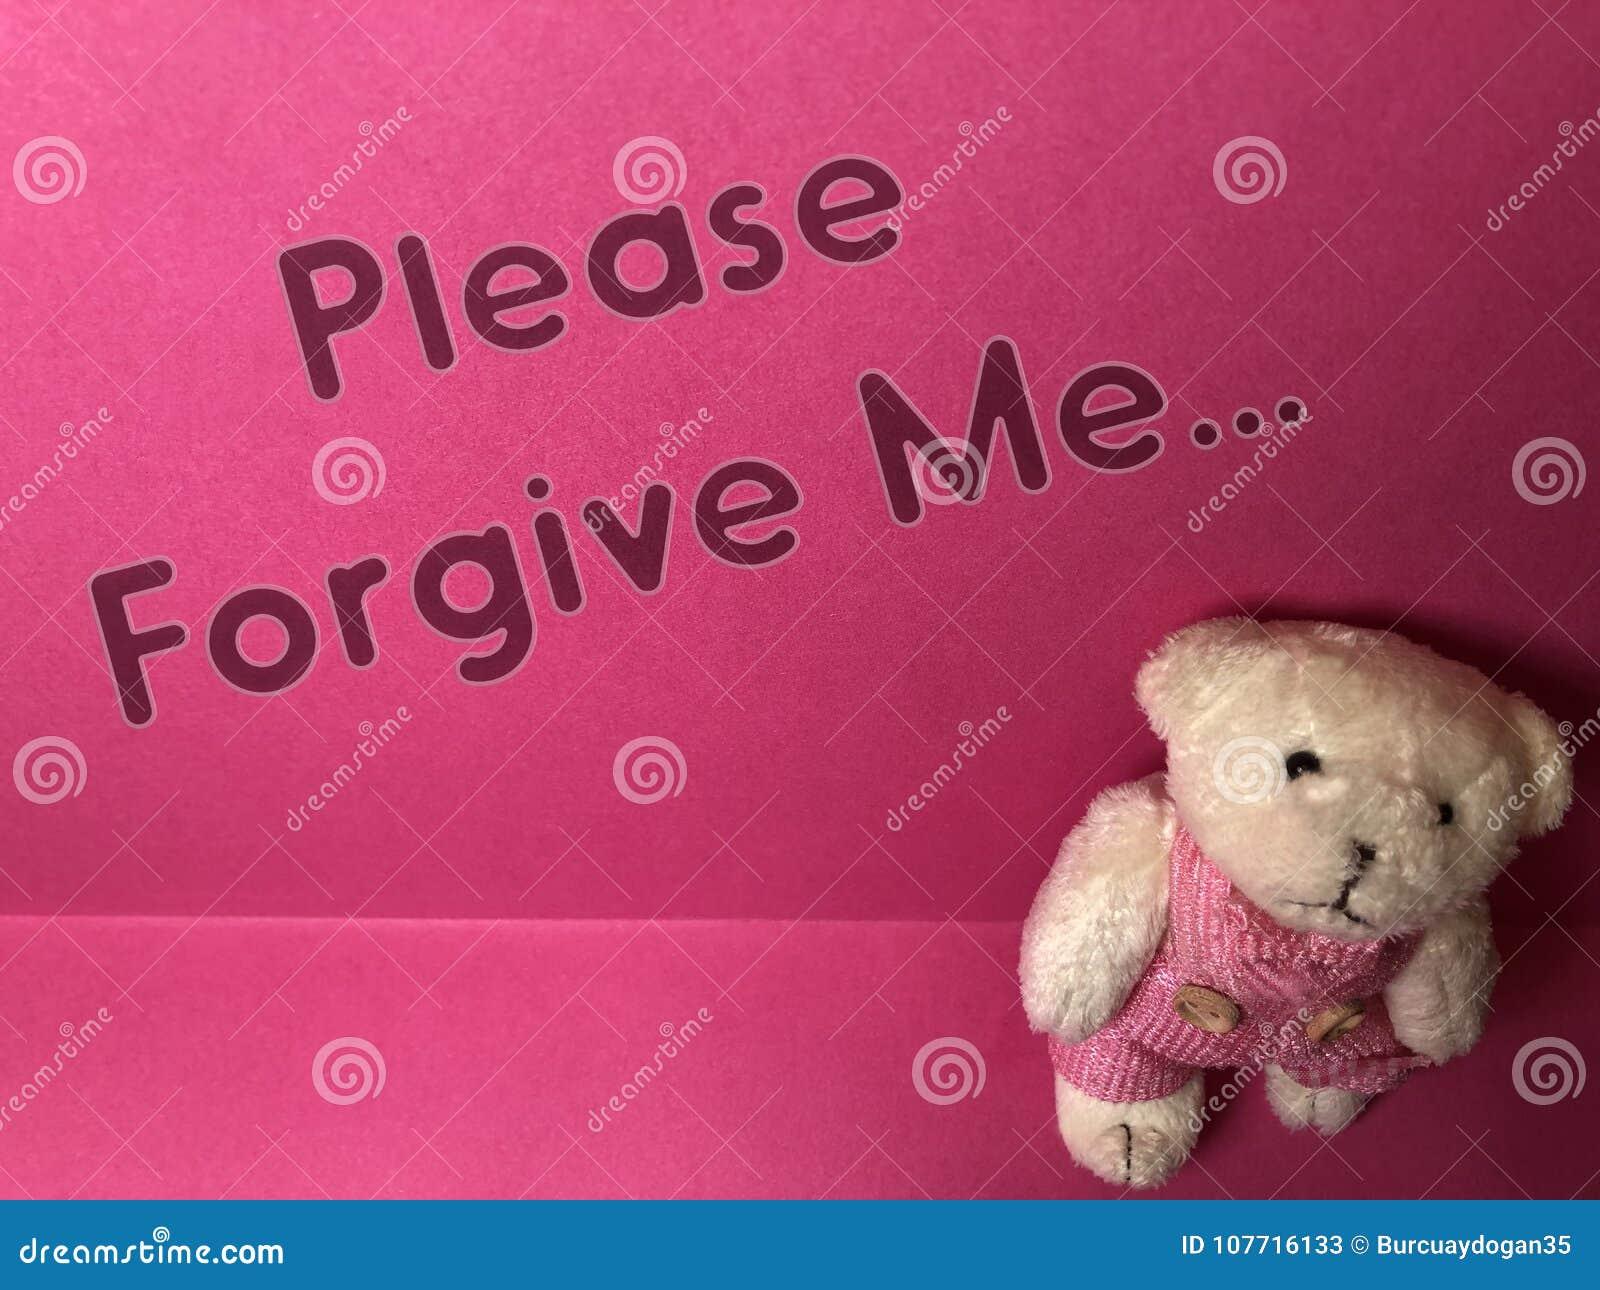 Please förlåter mig den skriftliga anmärkningen på den rosa bakgrunden med den gulliga ledsna nallebjörnen